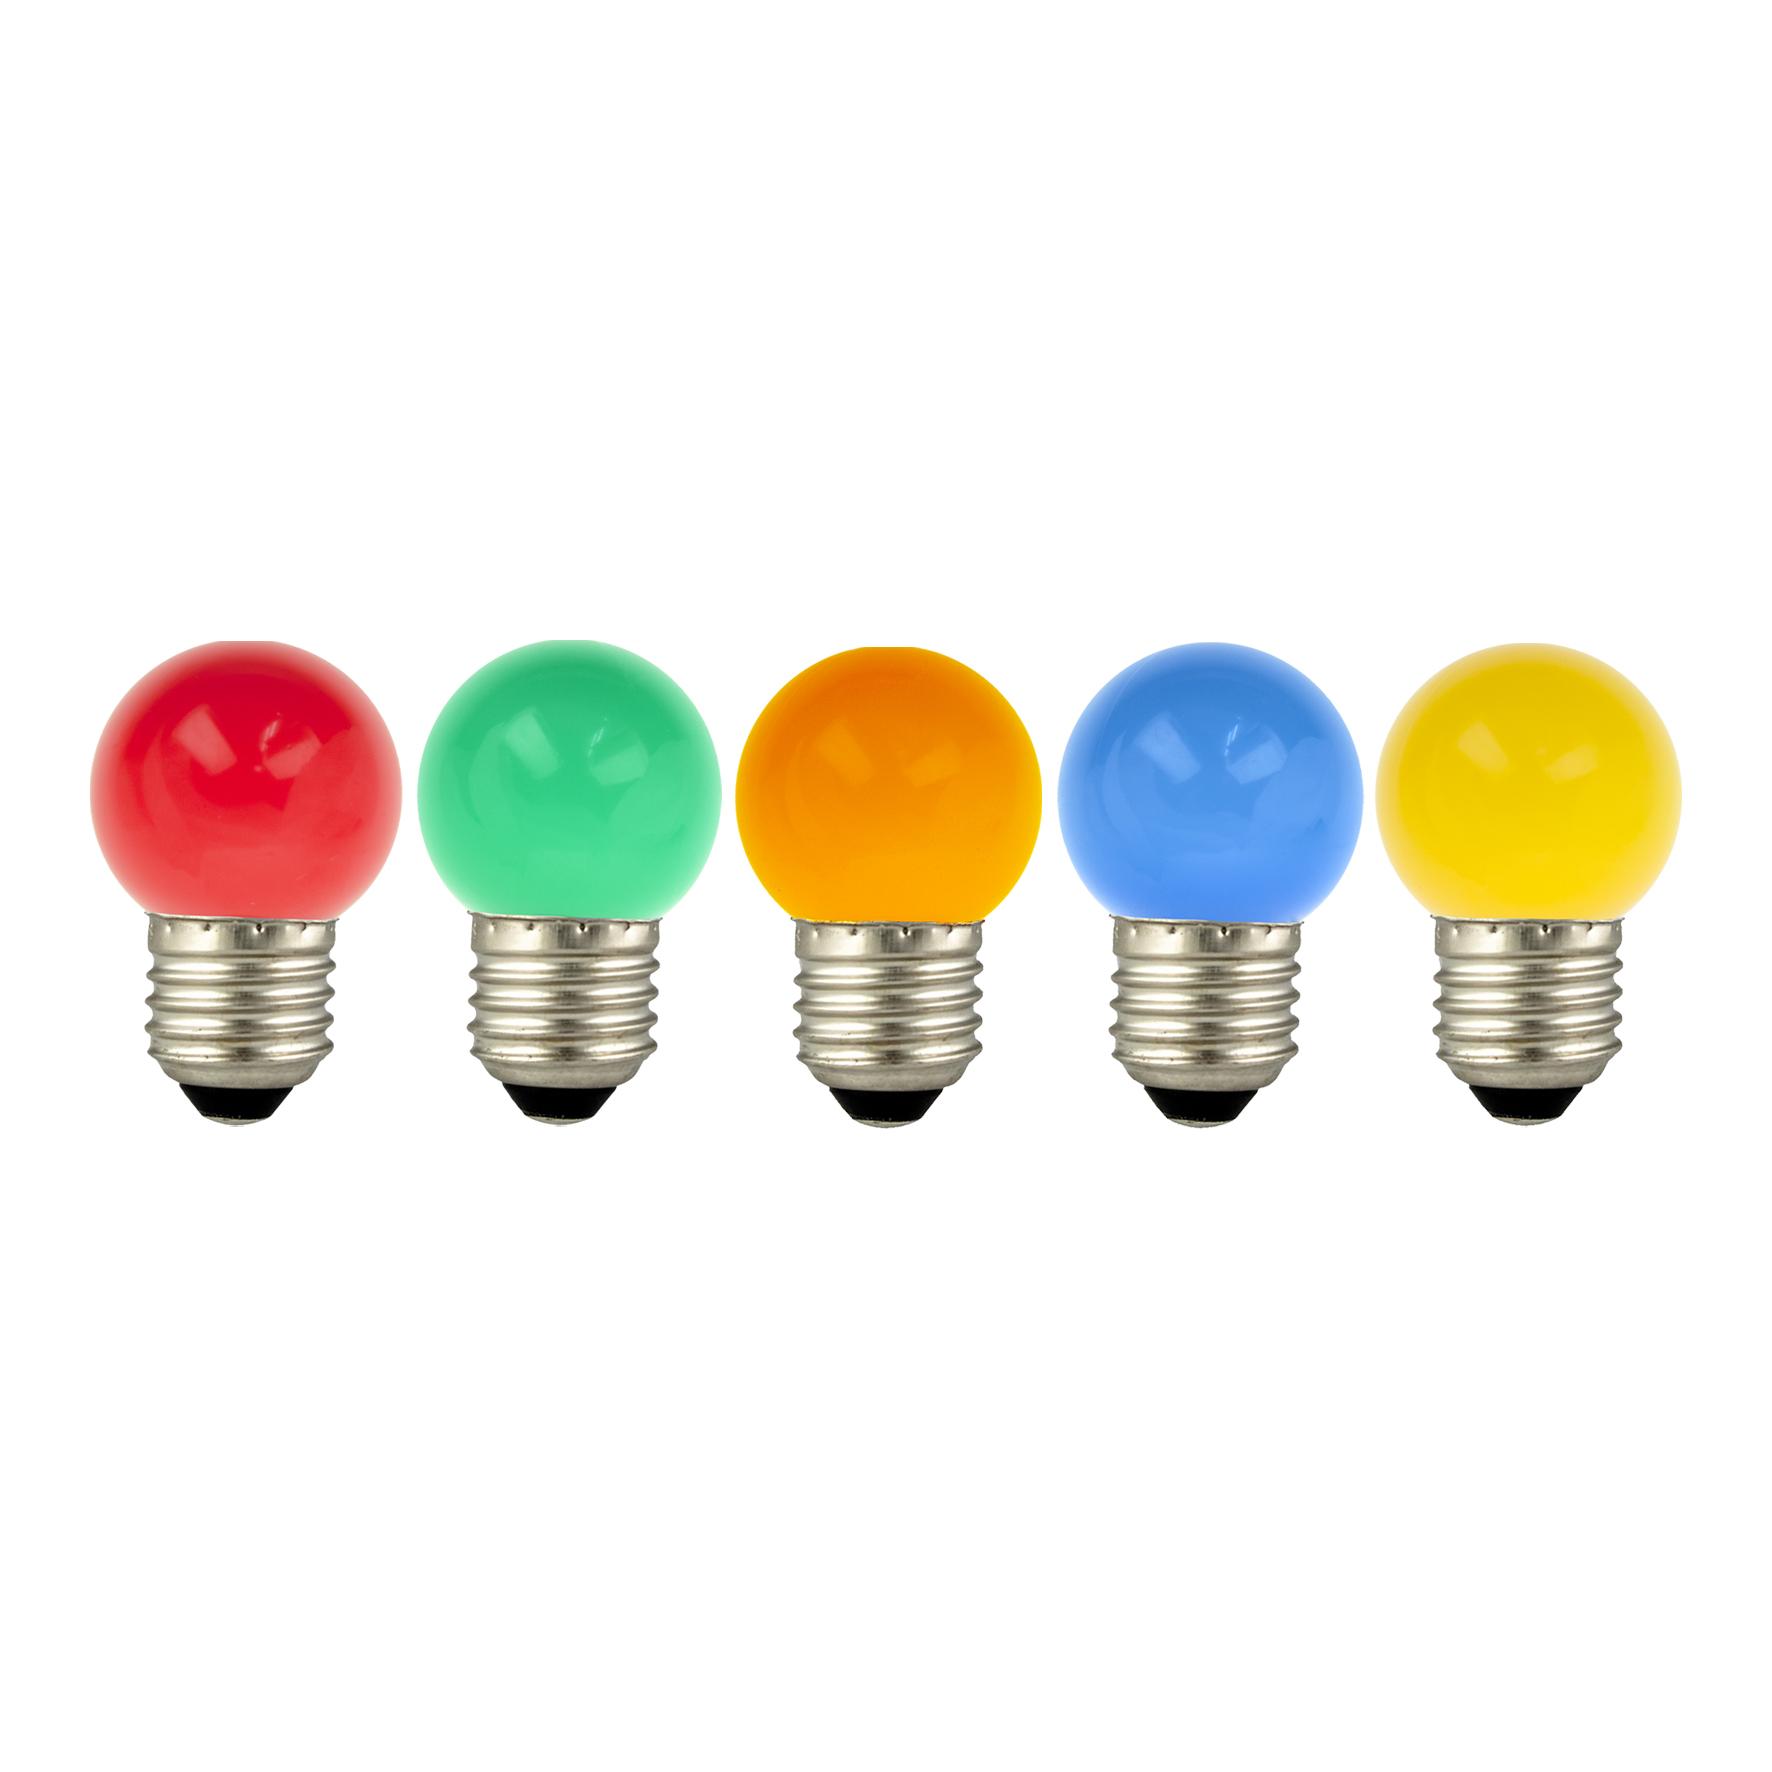 LED Ball E27 G45 220-240V 1W 6500K